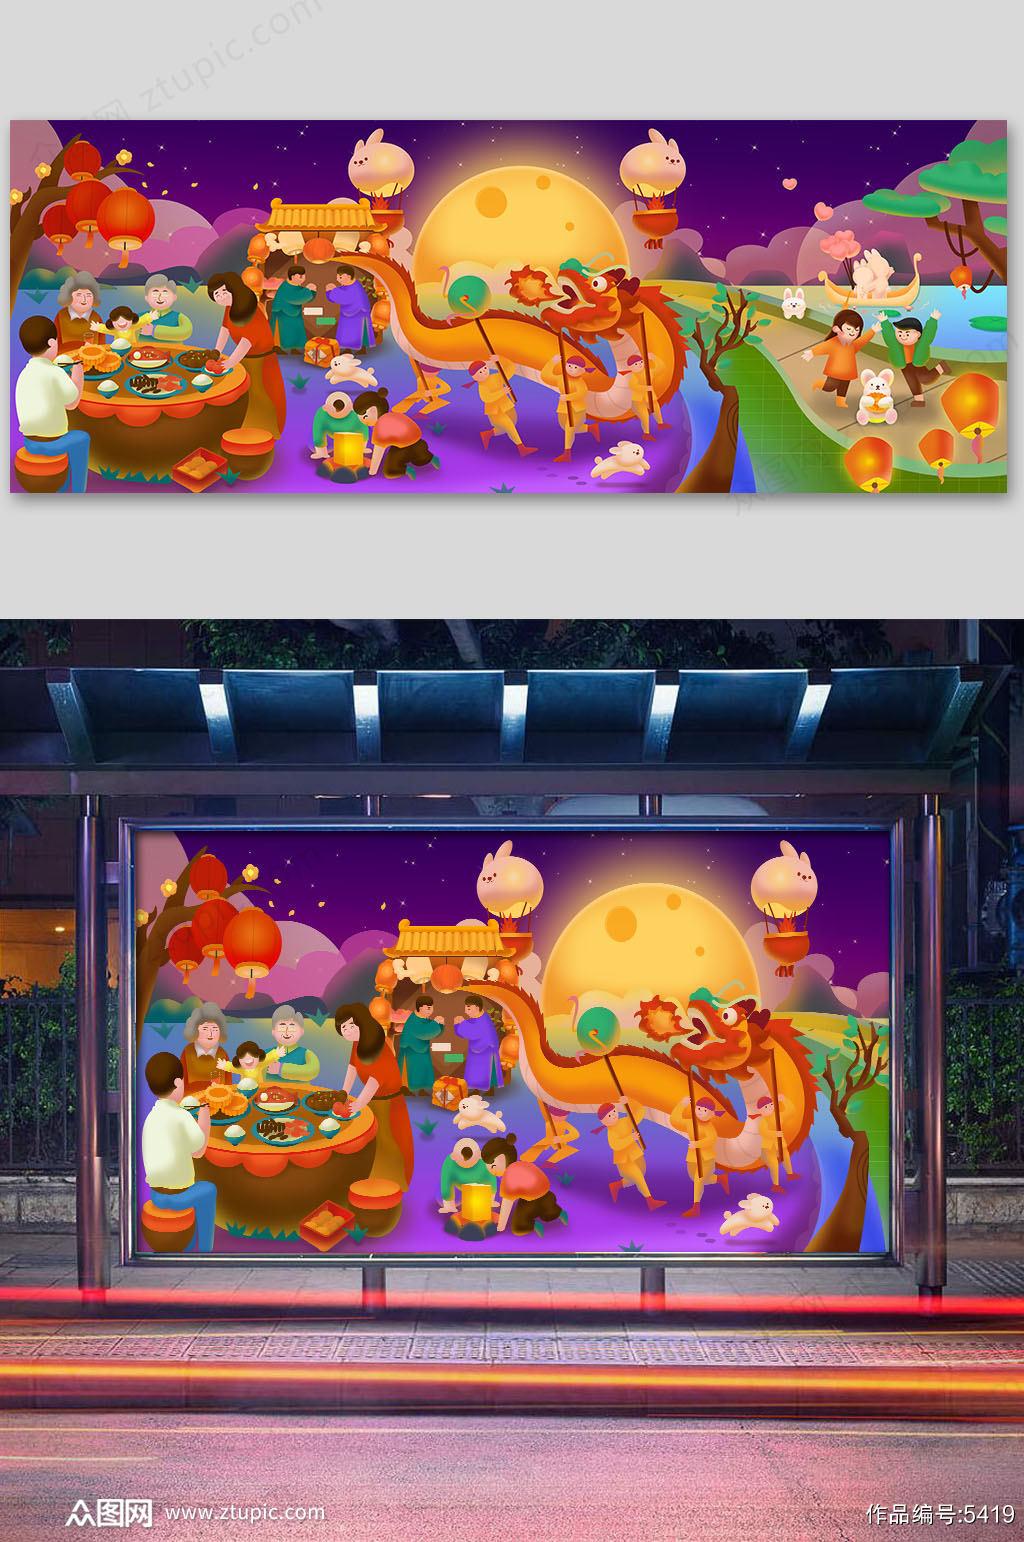 中秋节商业插画设计素材